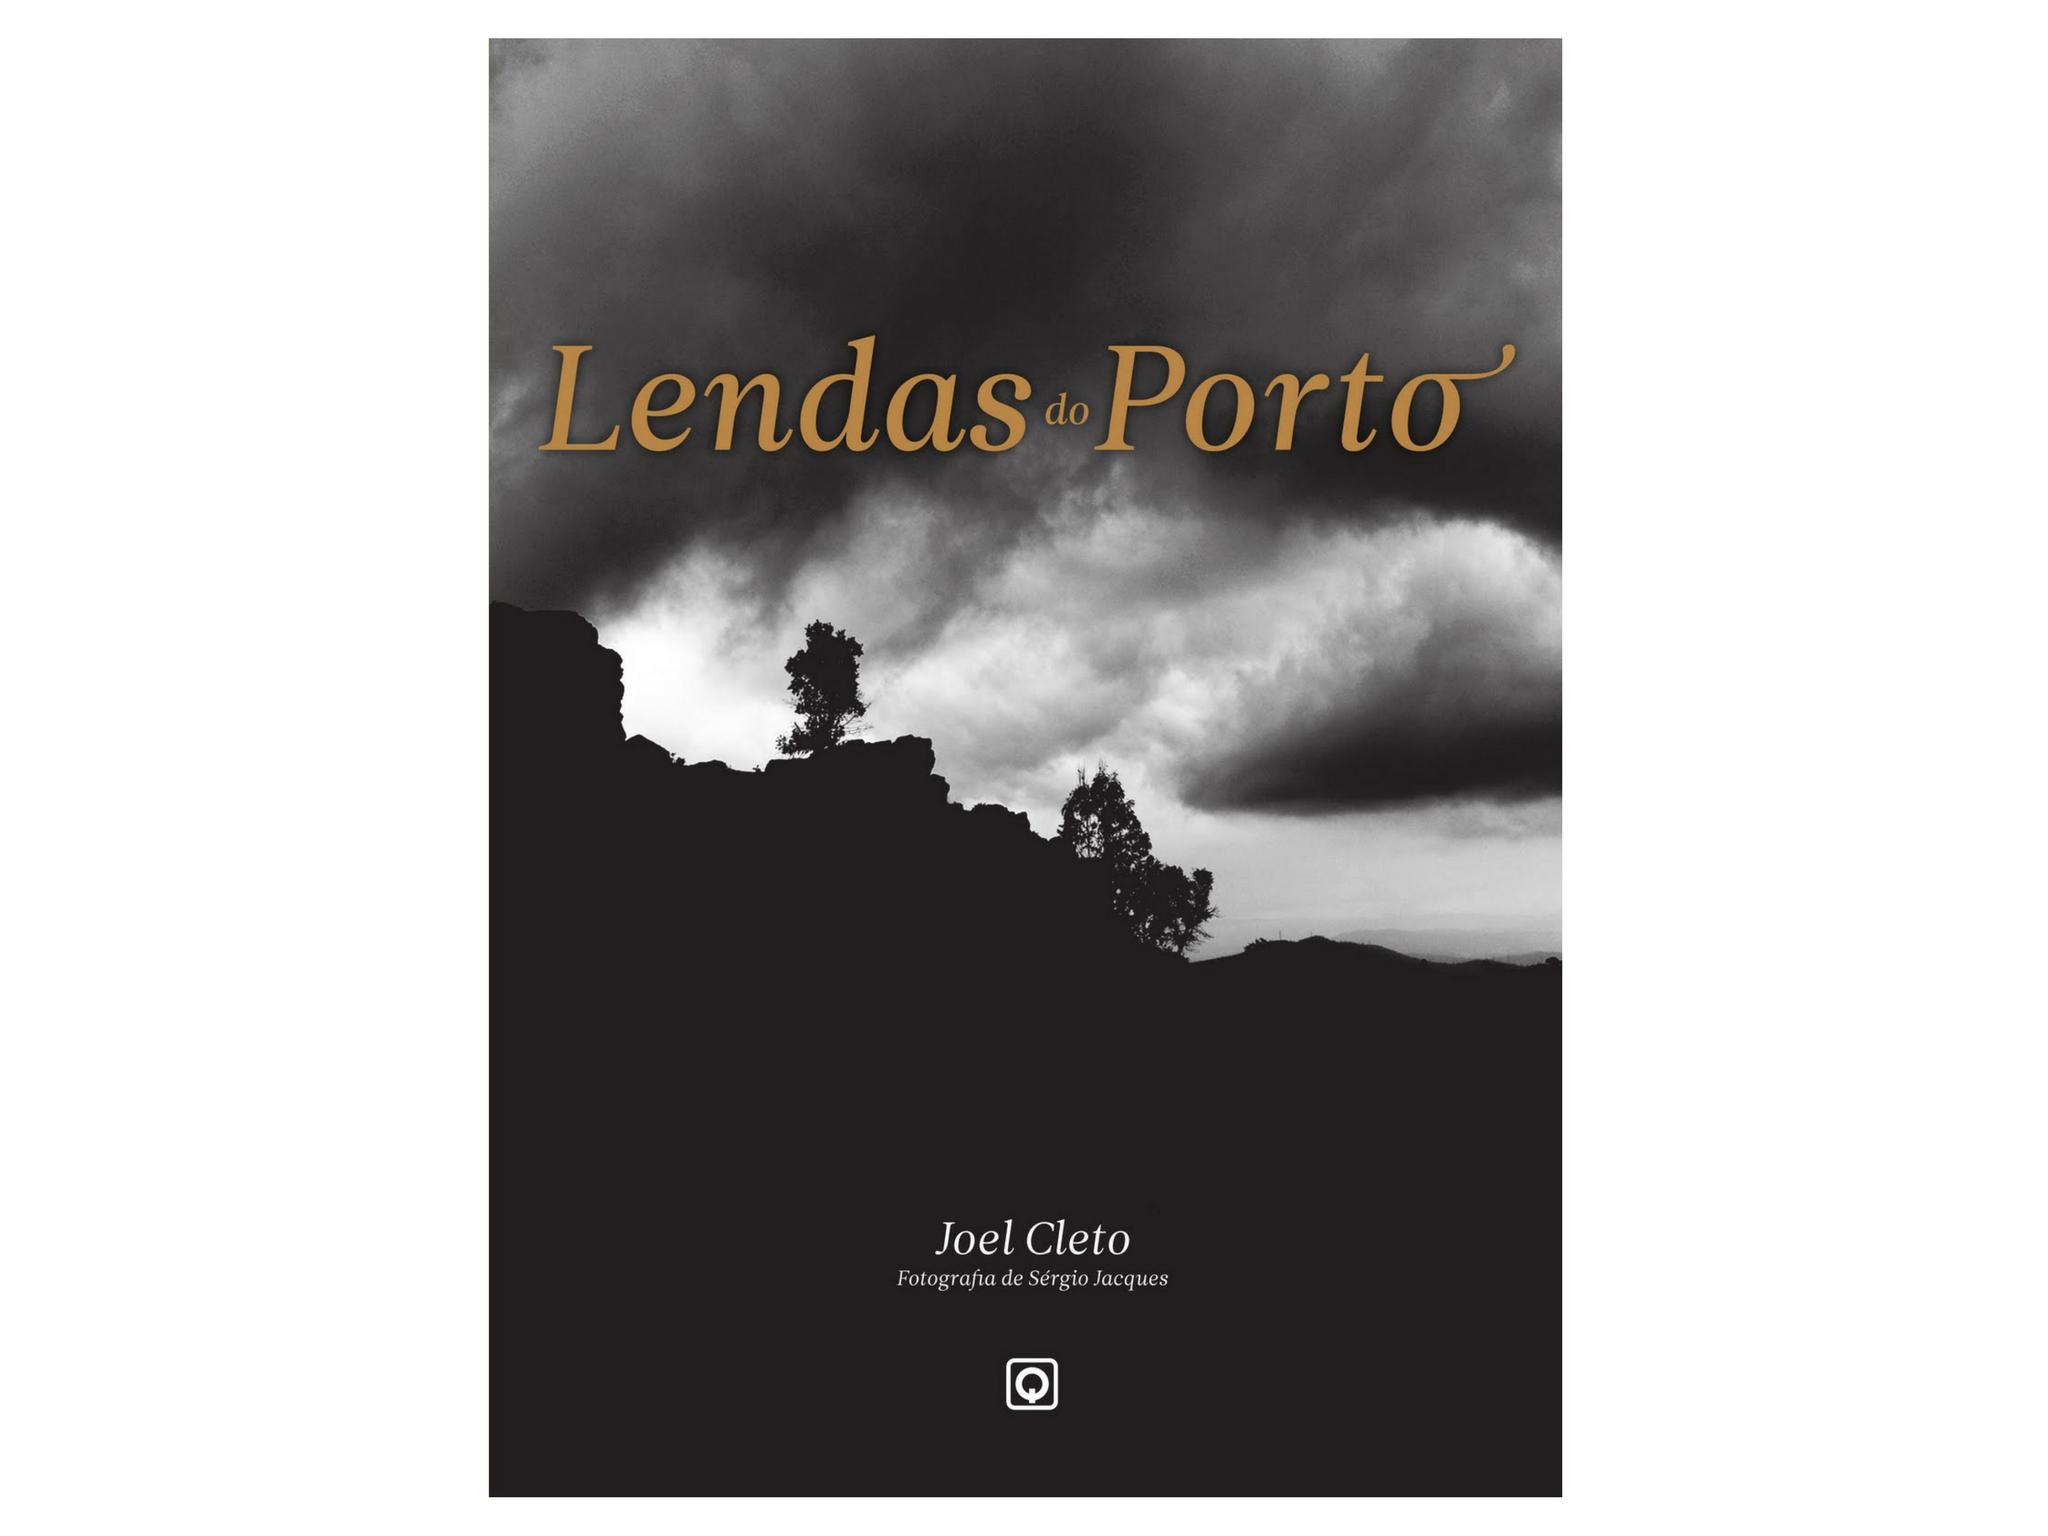 Lendas do Porto